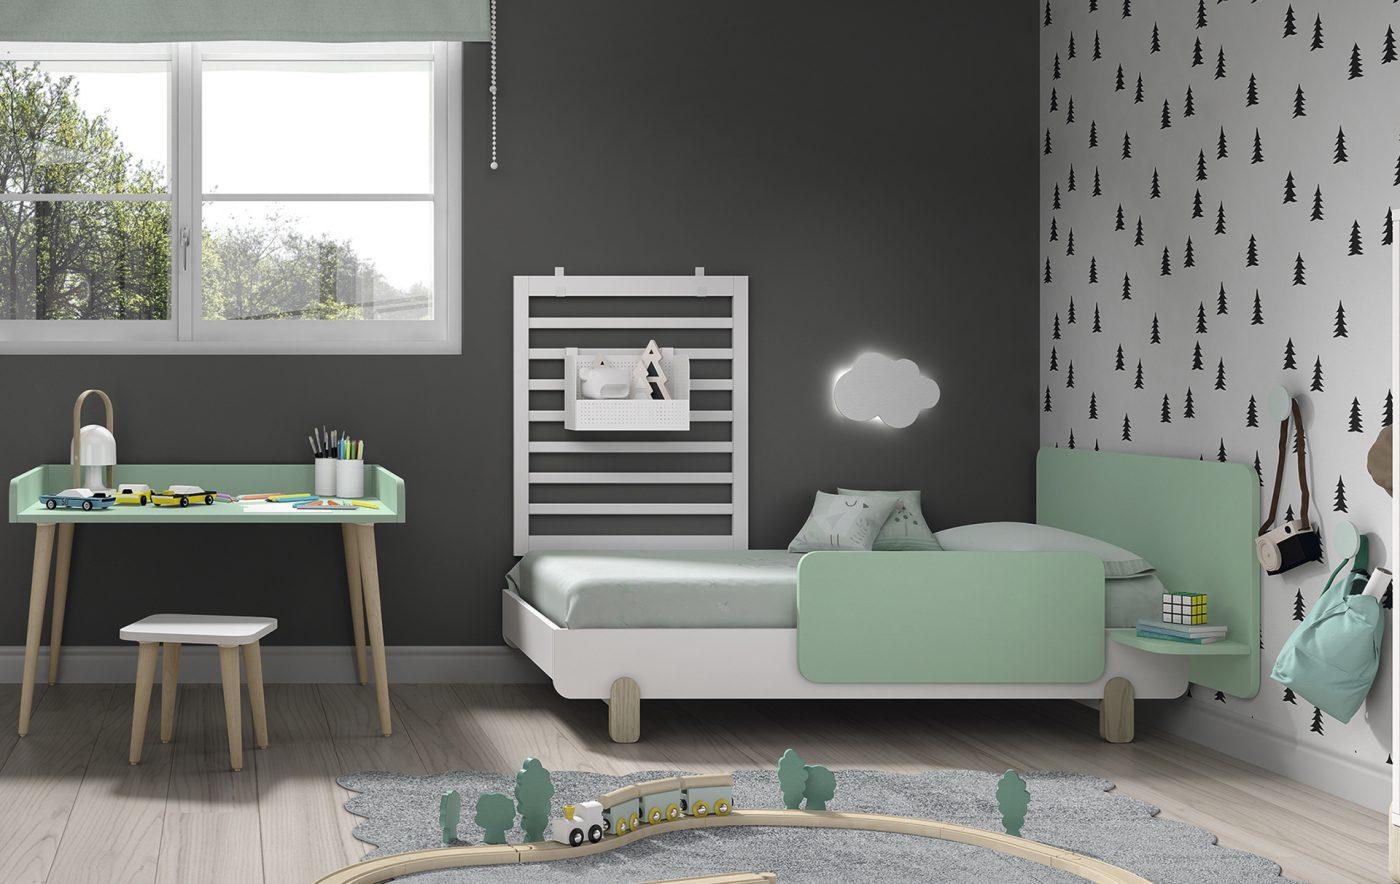 13_1 habitación infantil